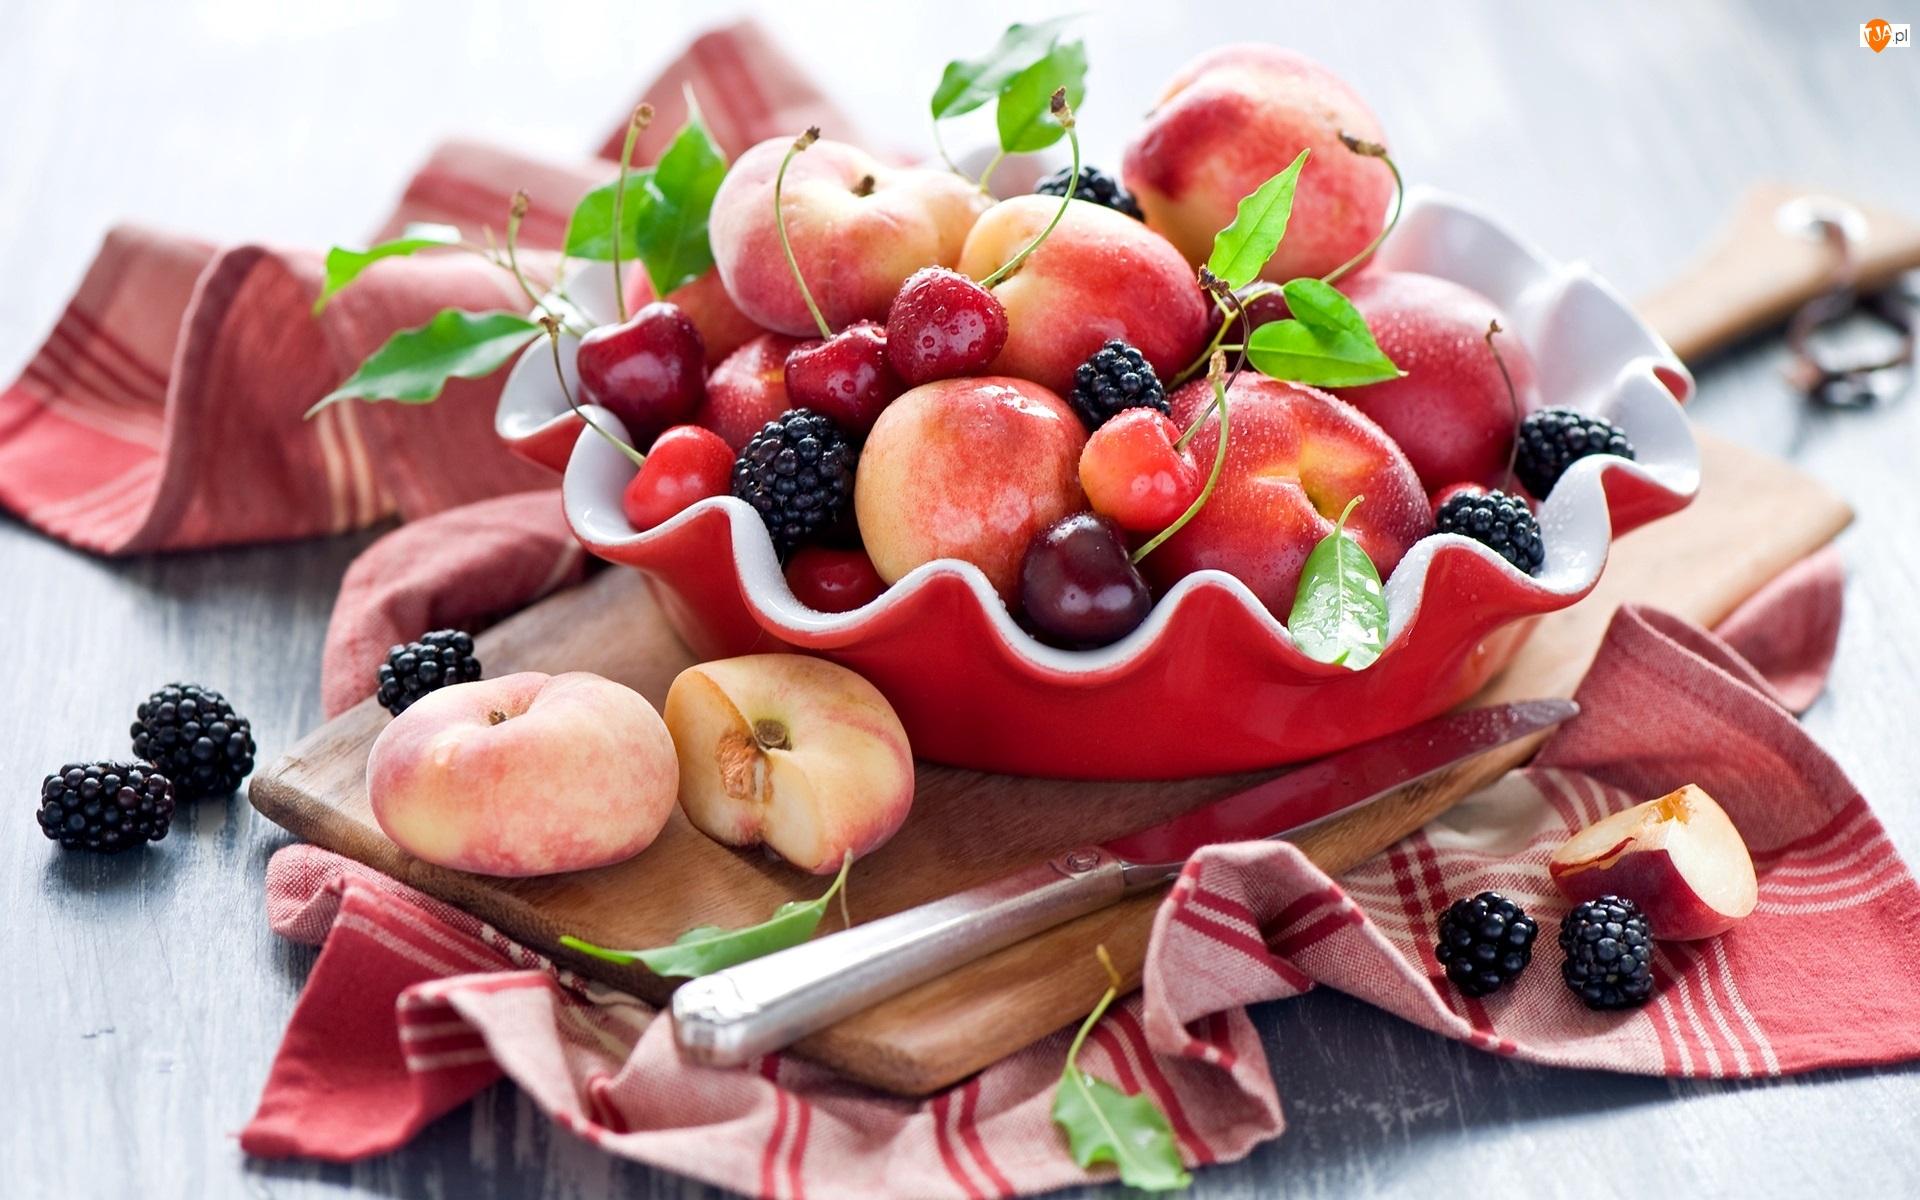 Owoce, Brzoskwinie pen tao, Nóż, Kompozycja, Miseczka, Czereśnie, Jeżyny